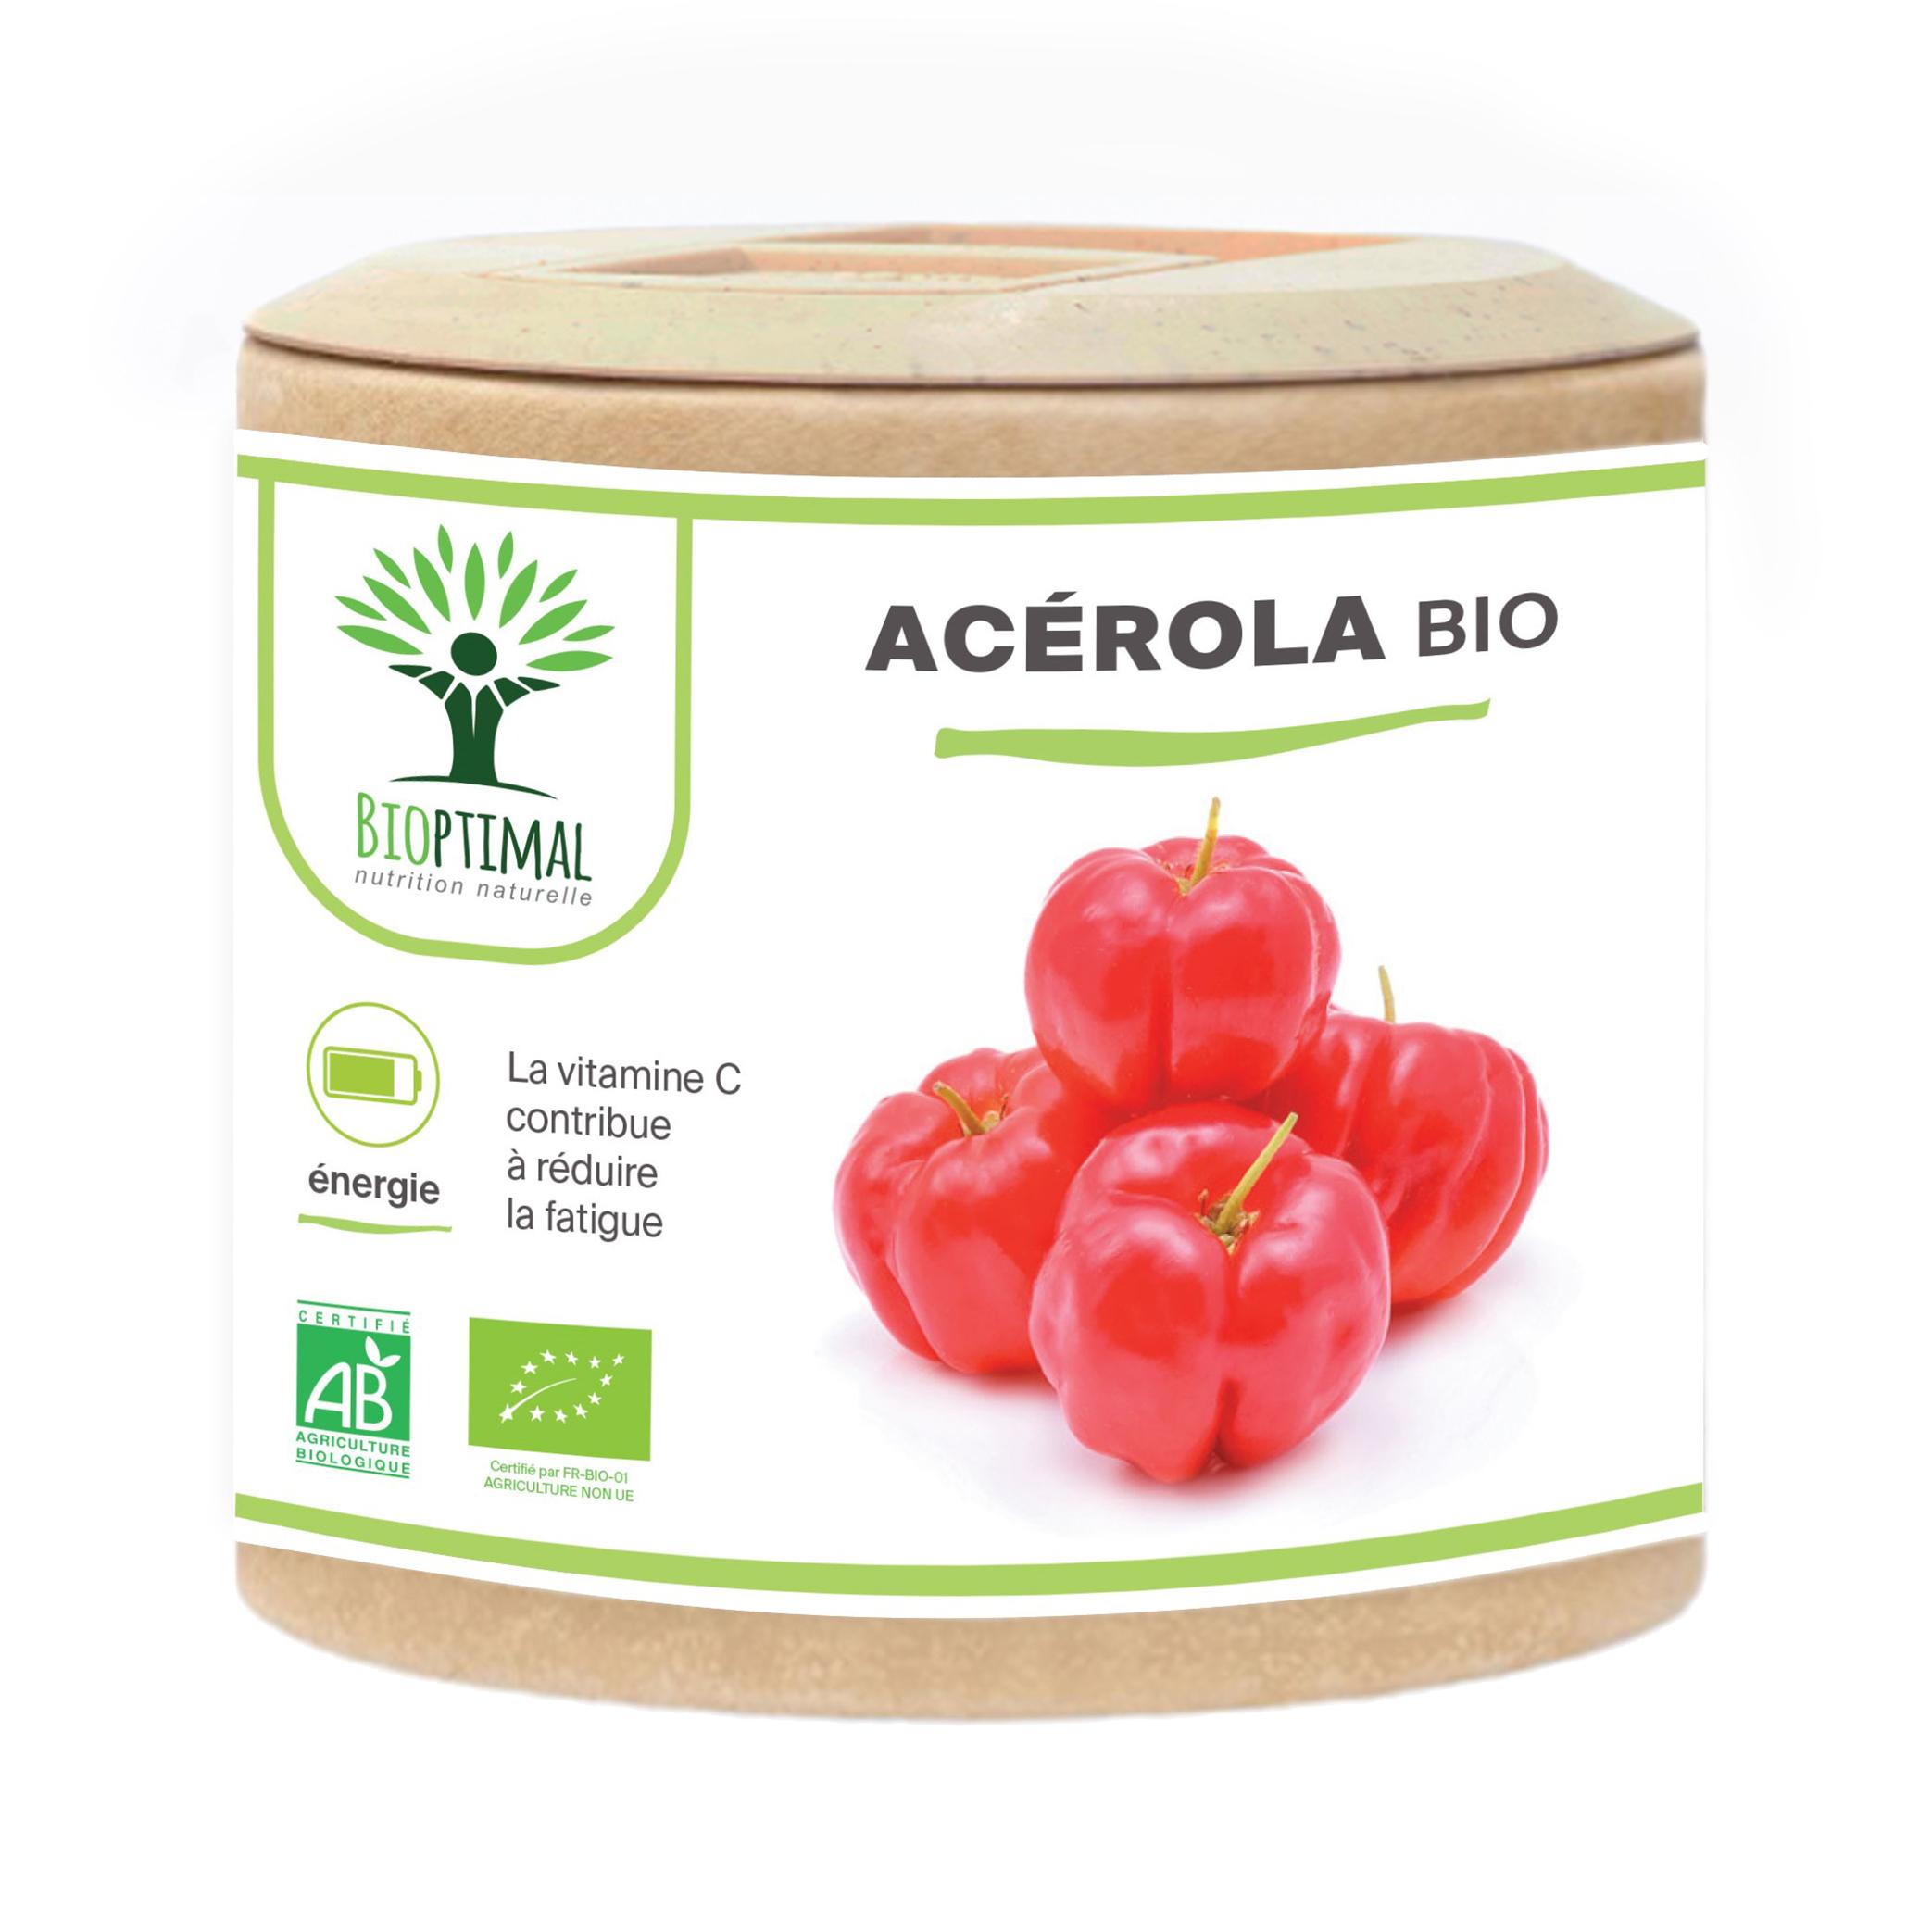 Bioptimal - Acerola Bio - Complement Alimentaire - Vitamine C - 60 gelules